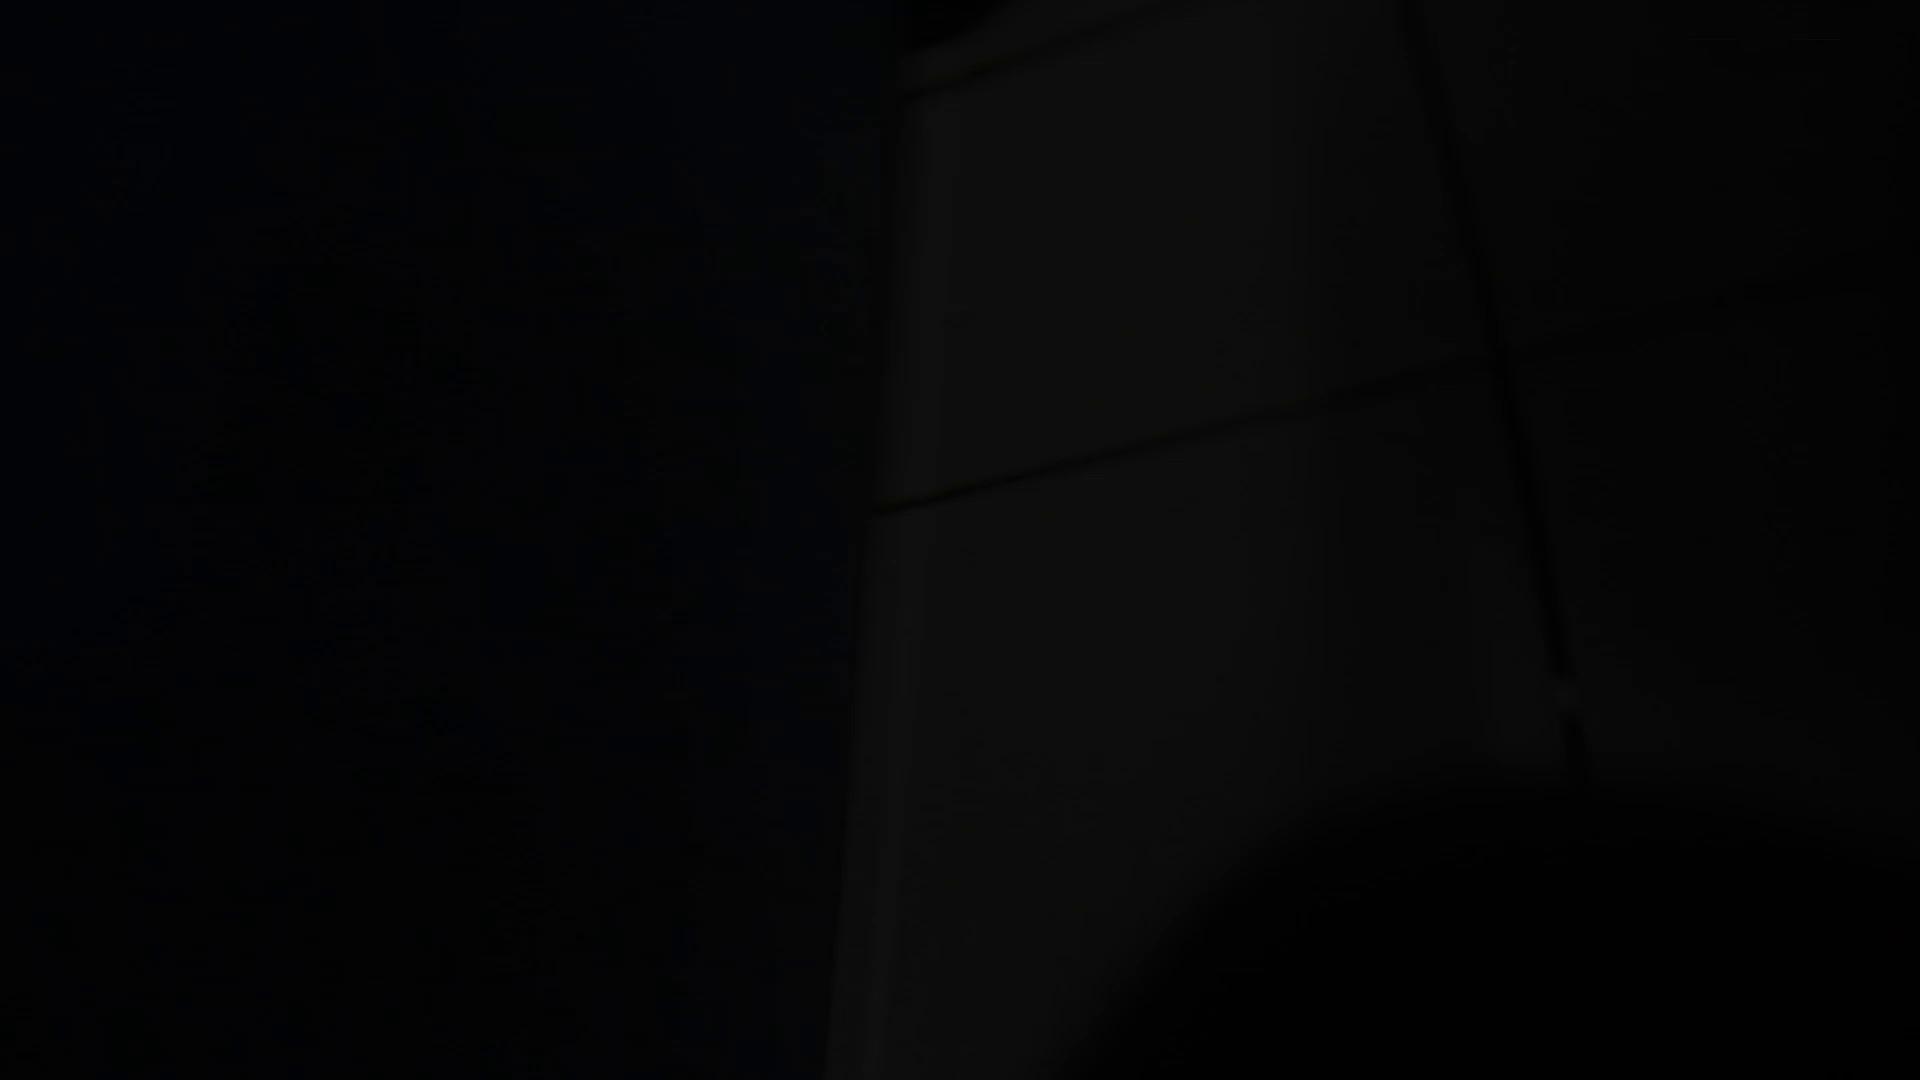 JD盗撮 美女の洗面所の秘密 Vol.78 細身・スレンダー AV動画キャプチャ 89画像 34